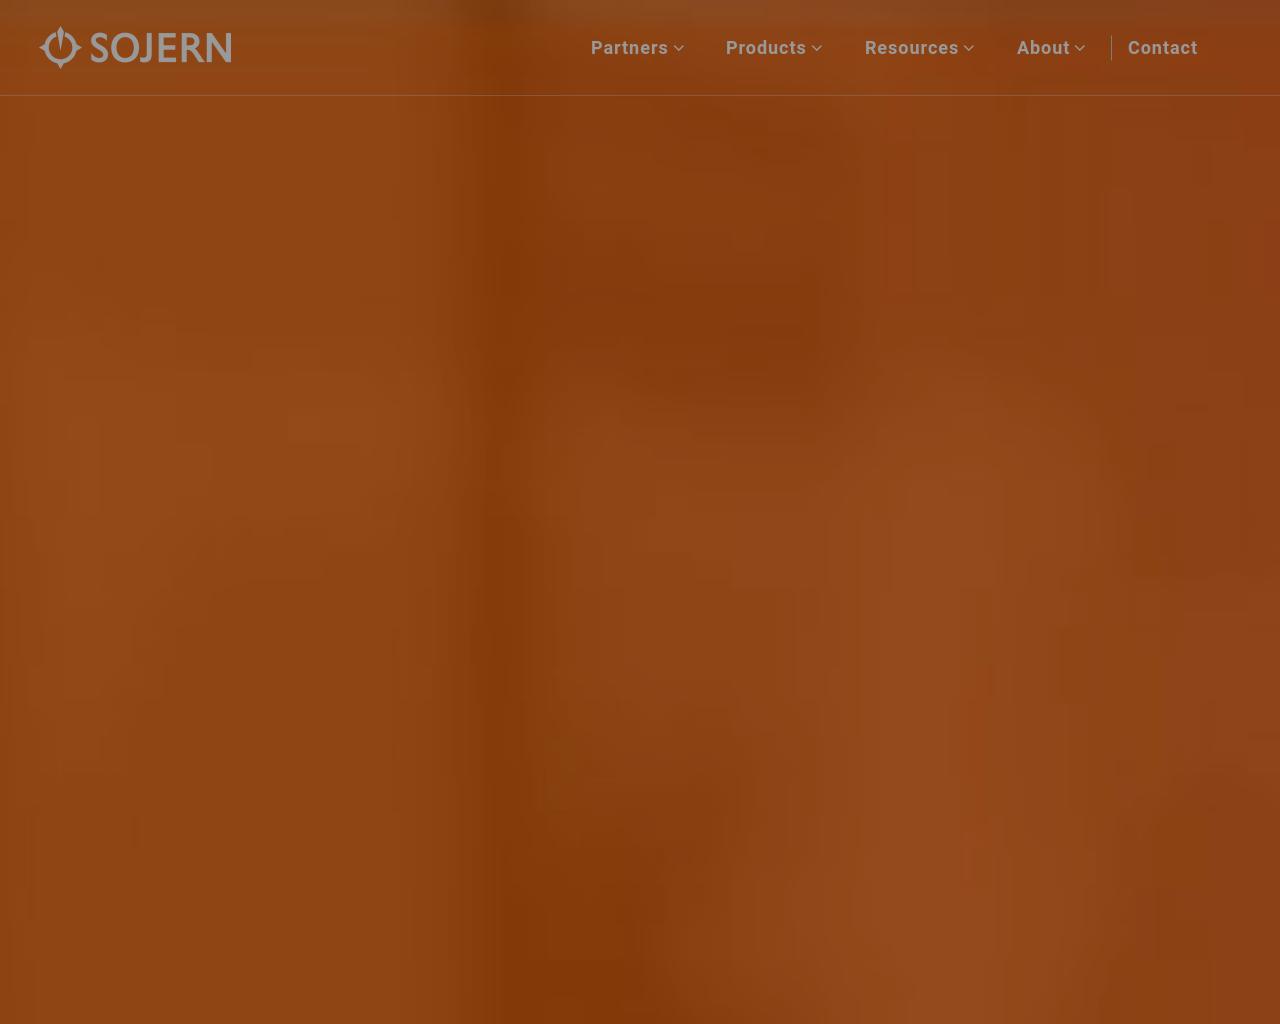 Sojern-Advertising-Reviews-Pricing